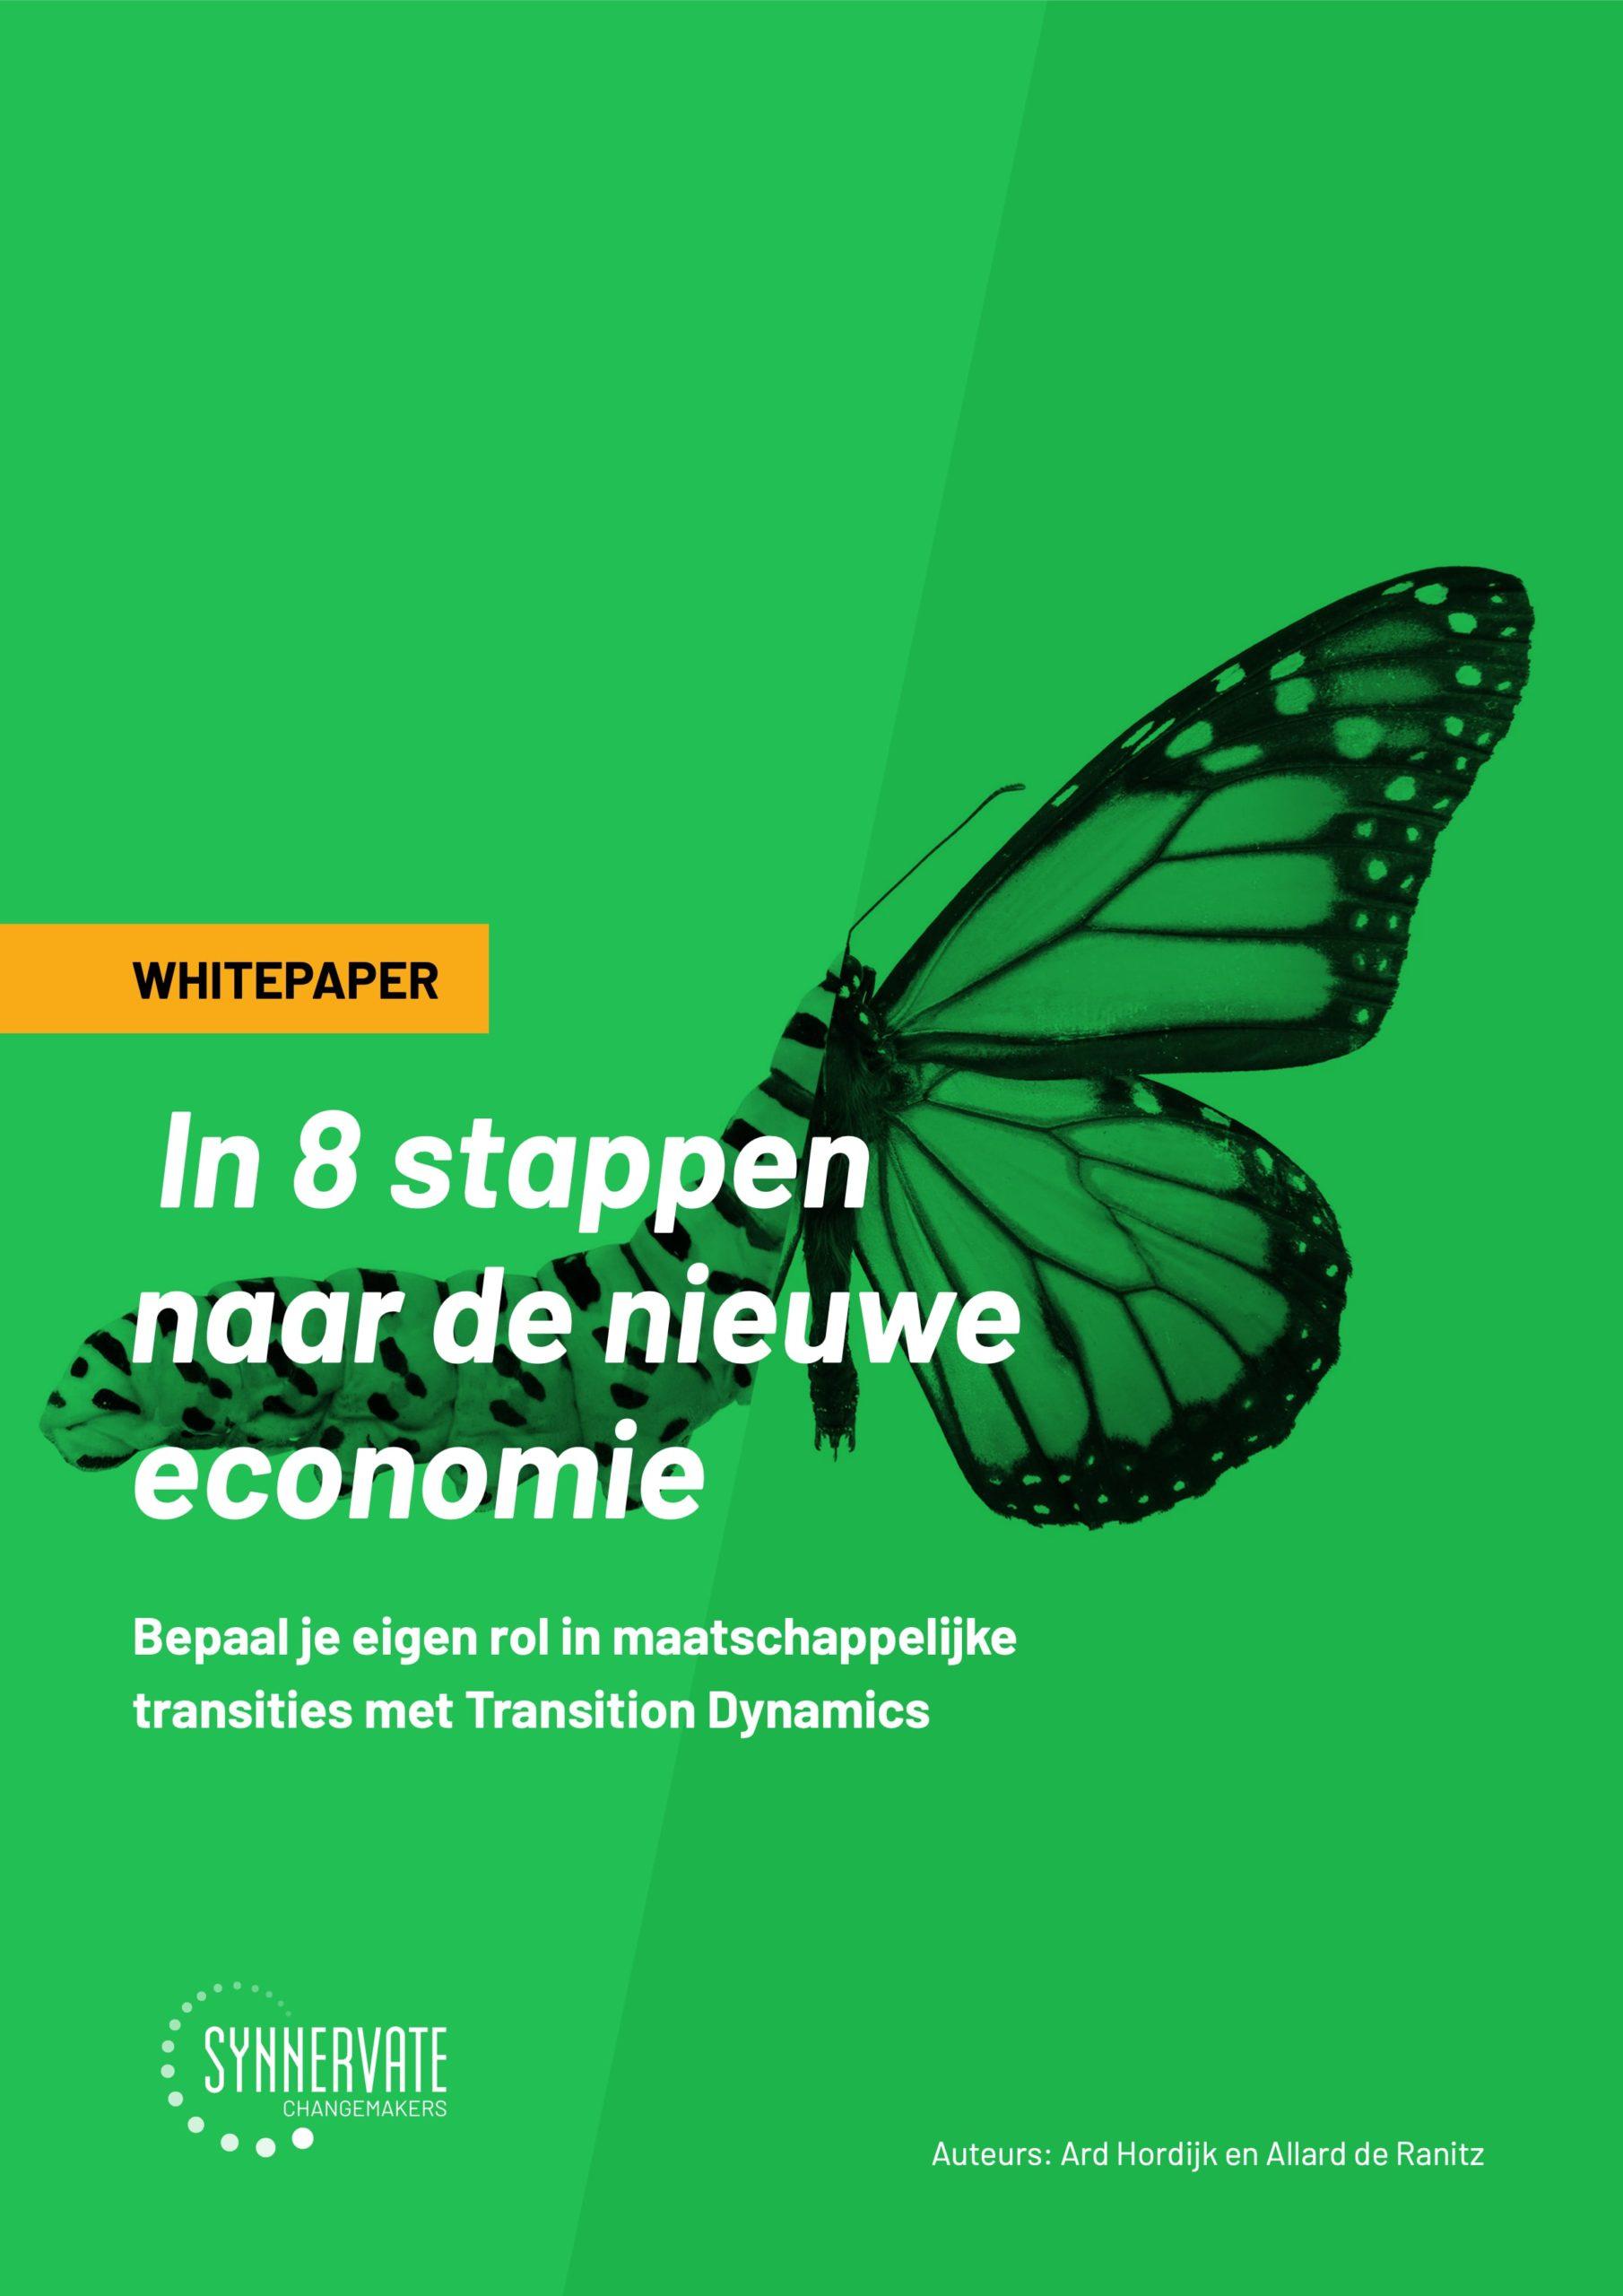 In 8 stappen naar de nieuwe economie